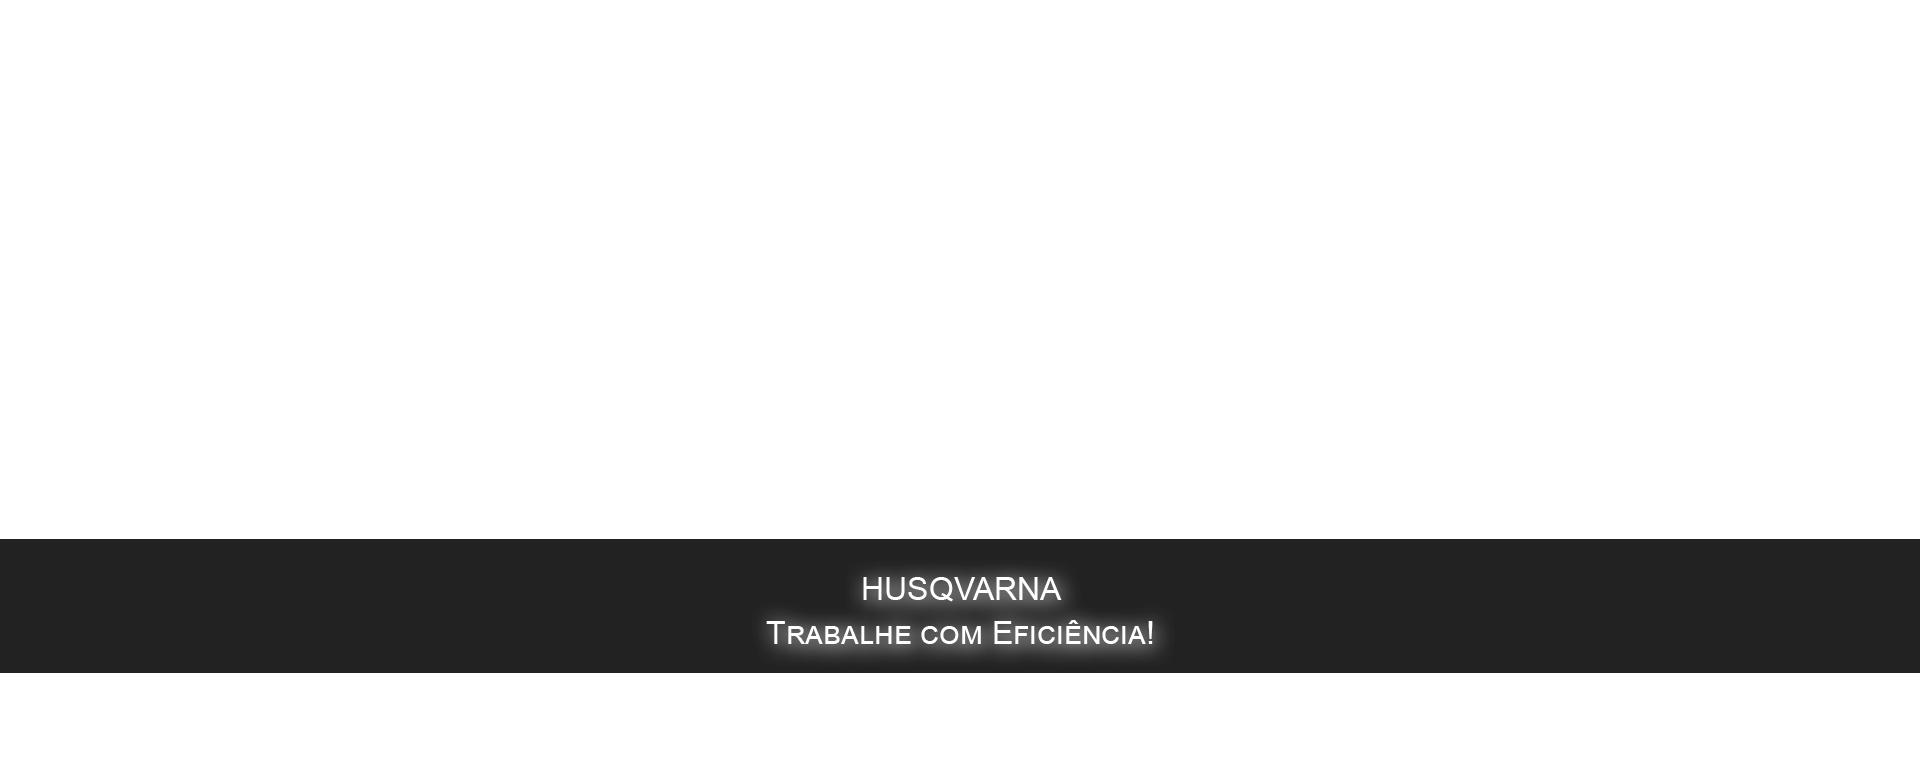 catalog/Slider/Slider-Text-Husqvarna.png